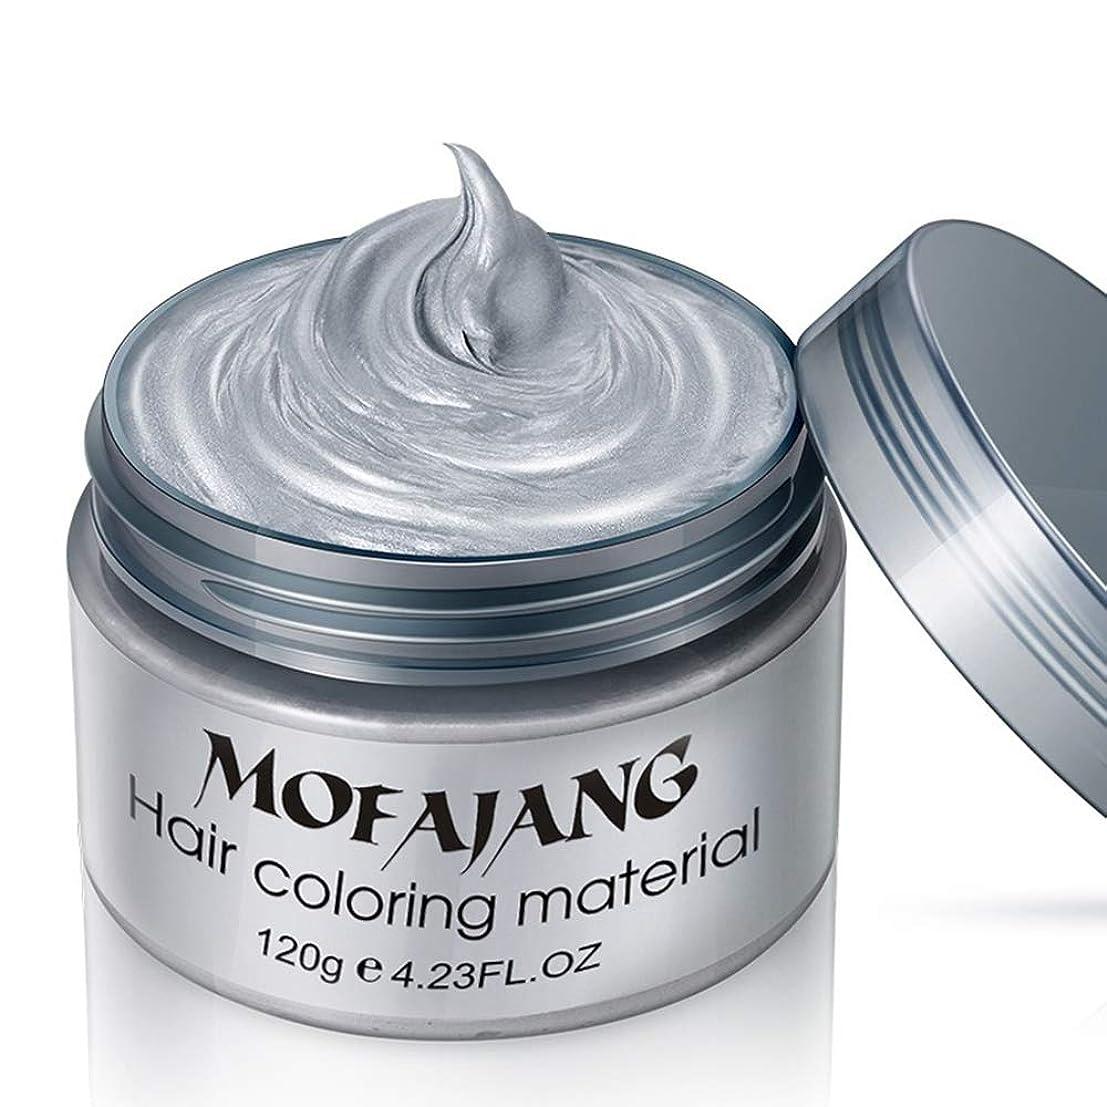 シルバーグレーの髪のワックス、豪華な着色泥の髪の染め、洗えるトリートメントの非グリースマットの髪型。